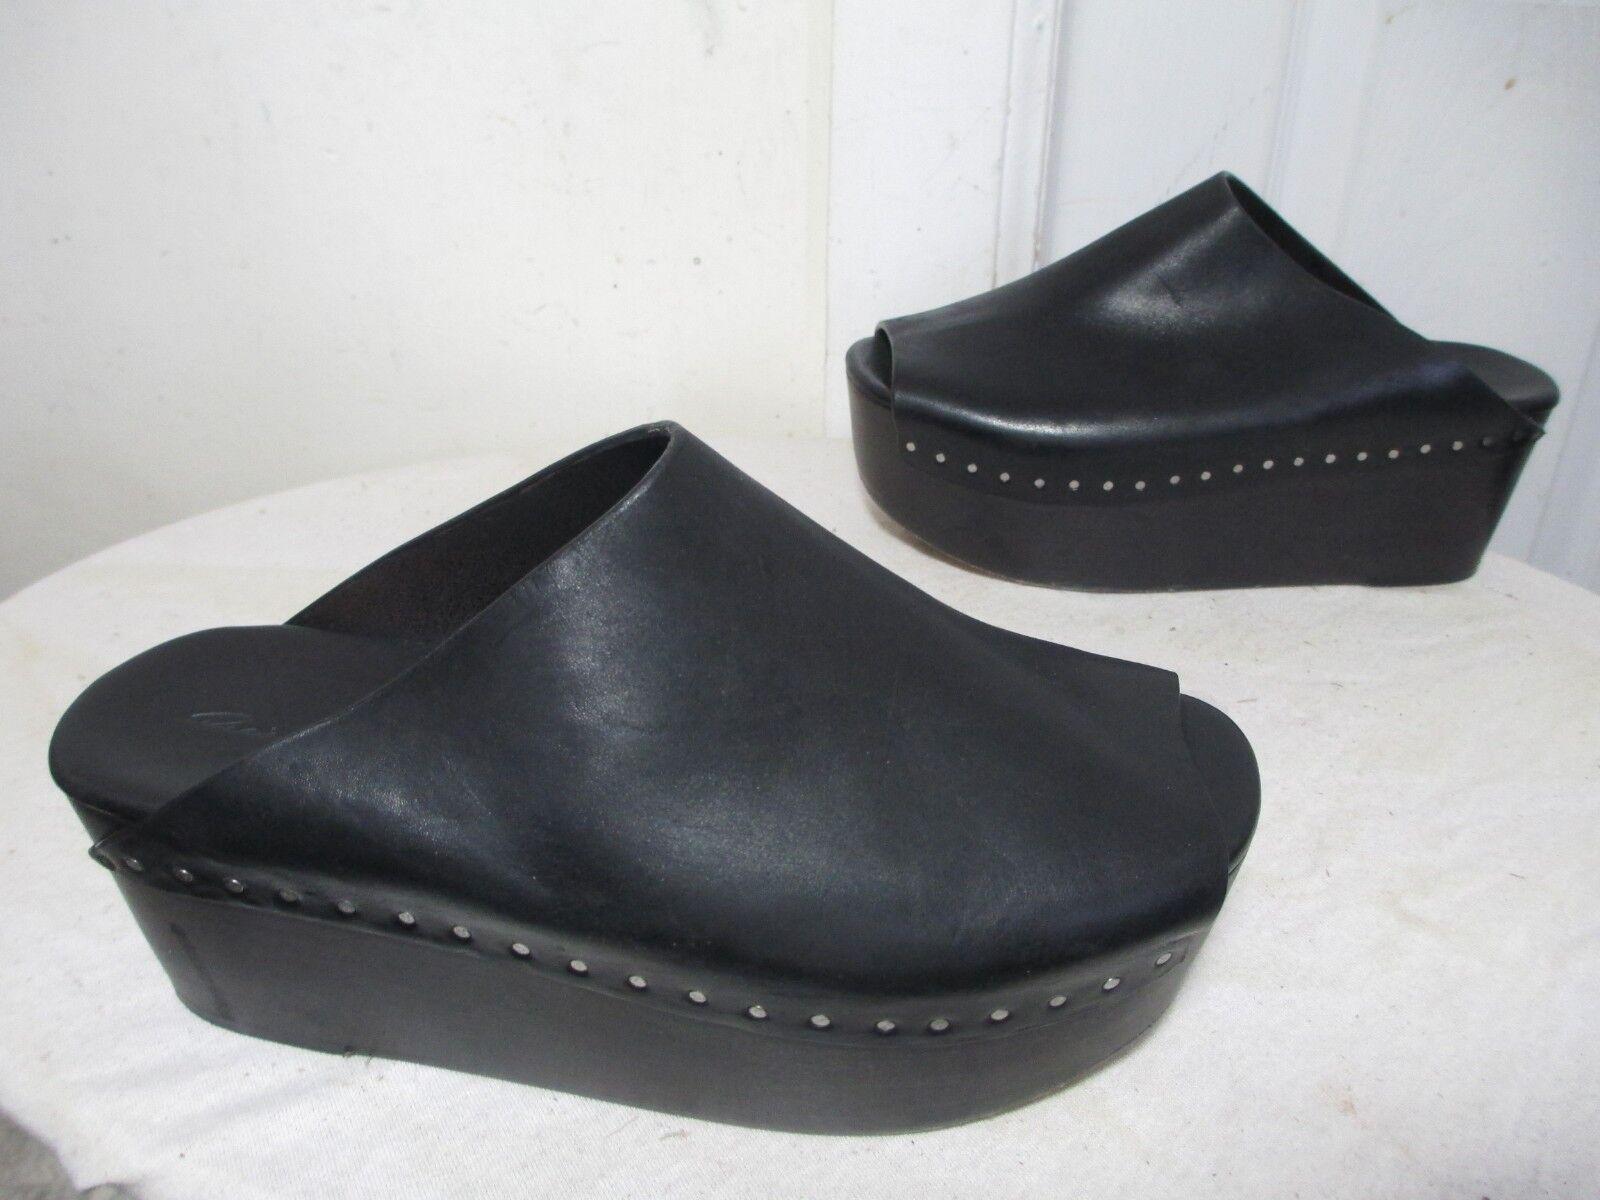 1160 Cuero Negro Negro Negro Rick Owens para mujer de plataforma mulas EU 37 1 2 US 7 Made in   directo de fábrica